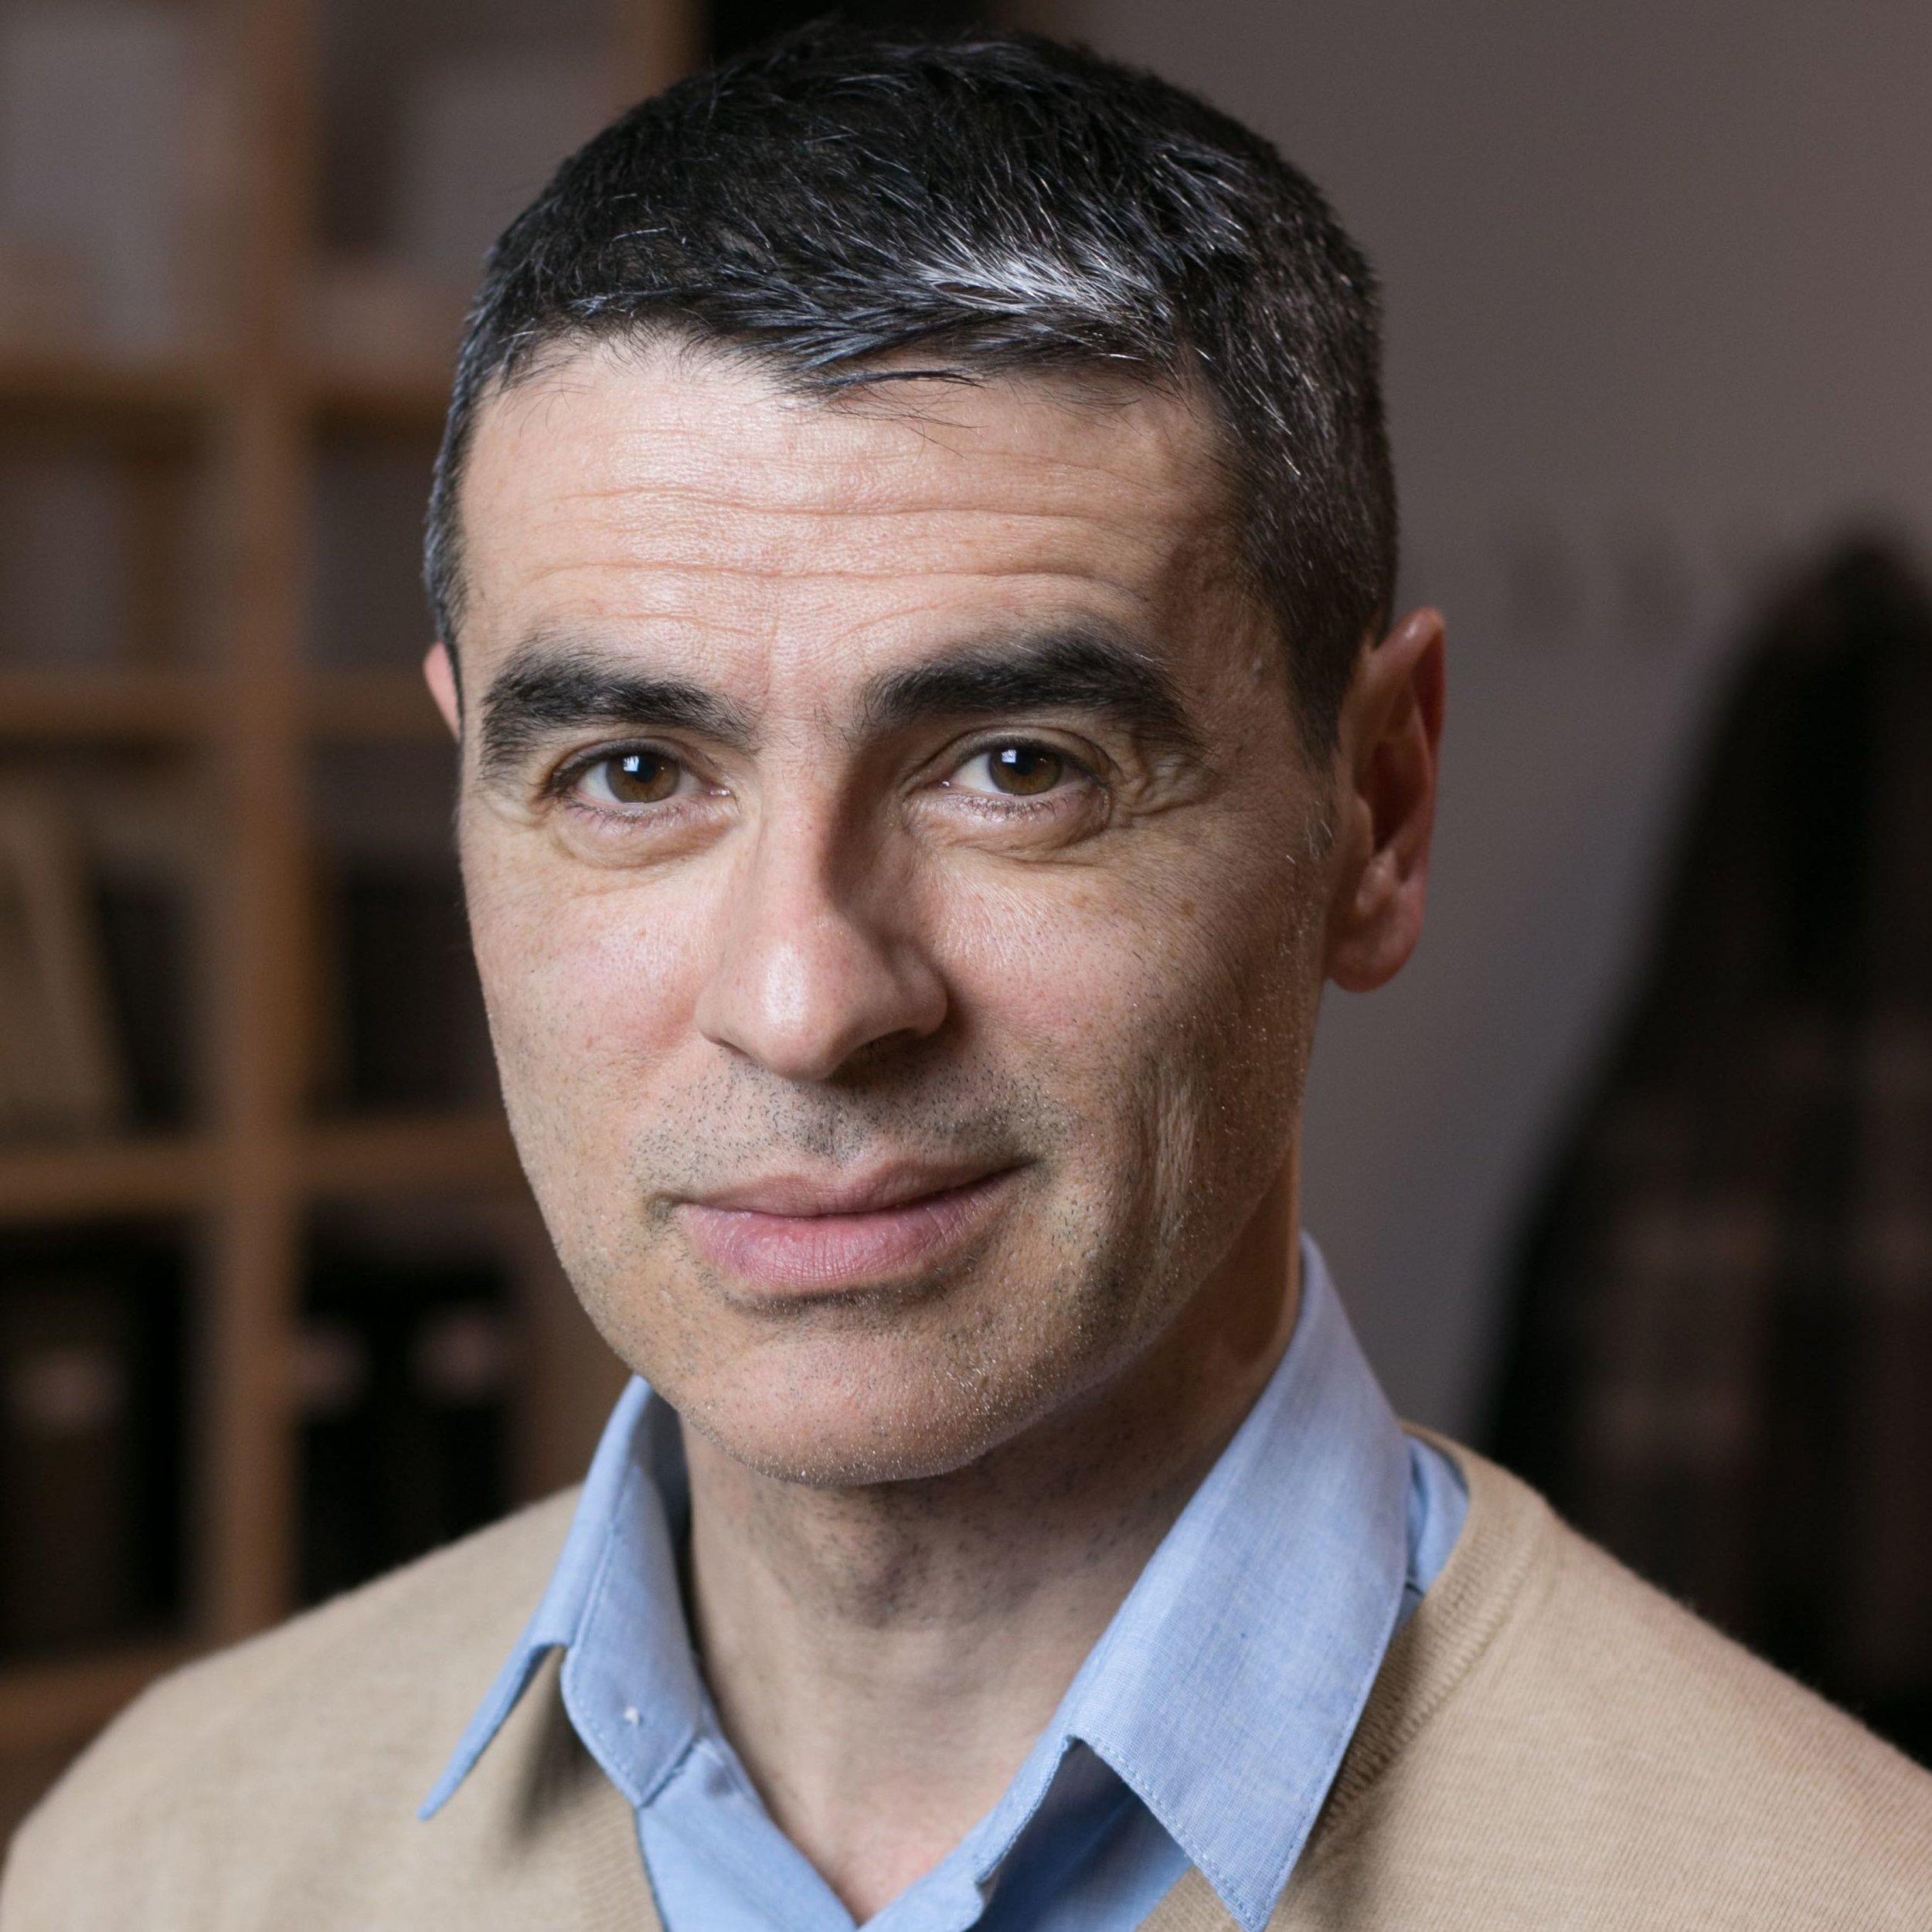 Juan Carlos Alvarez,Instructor at Berges Institute